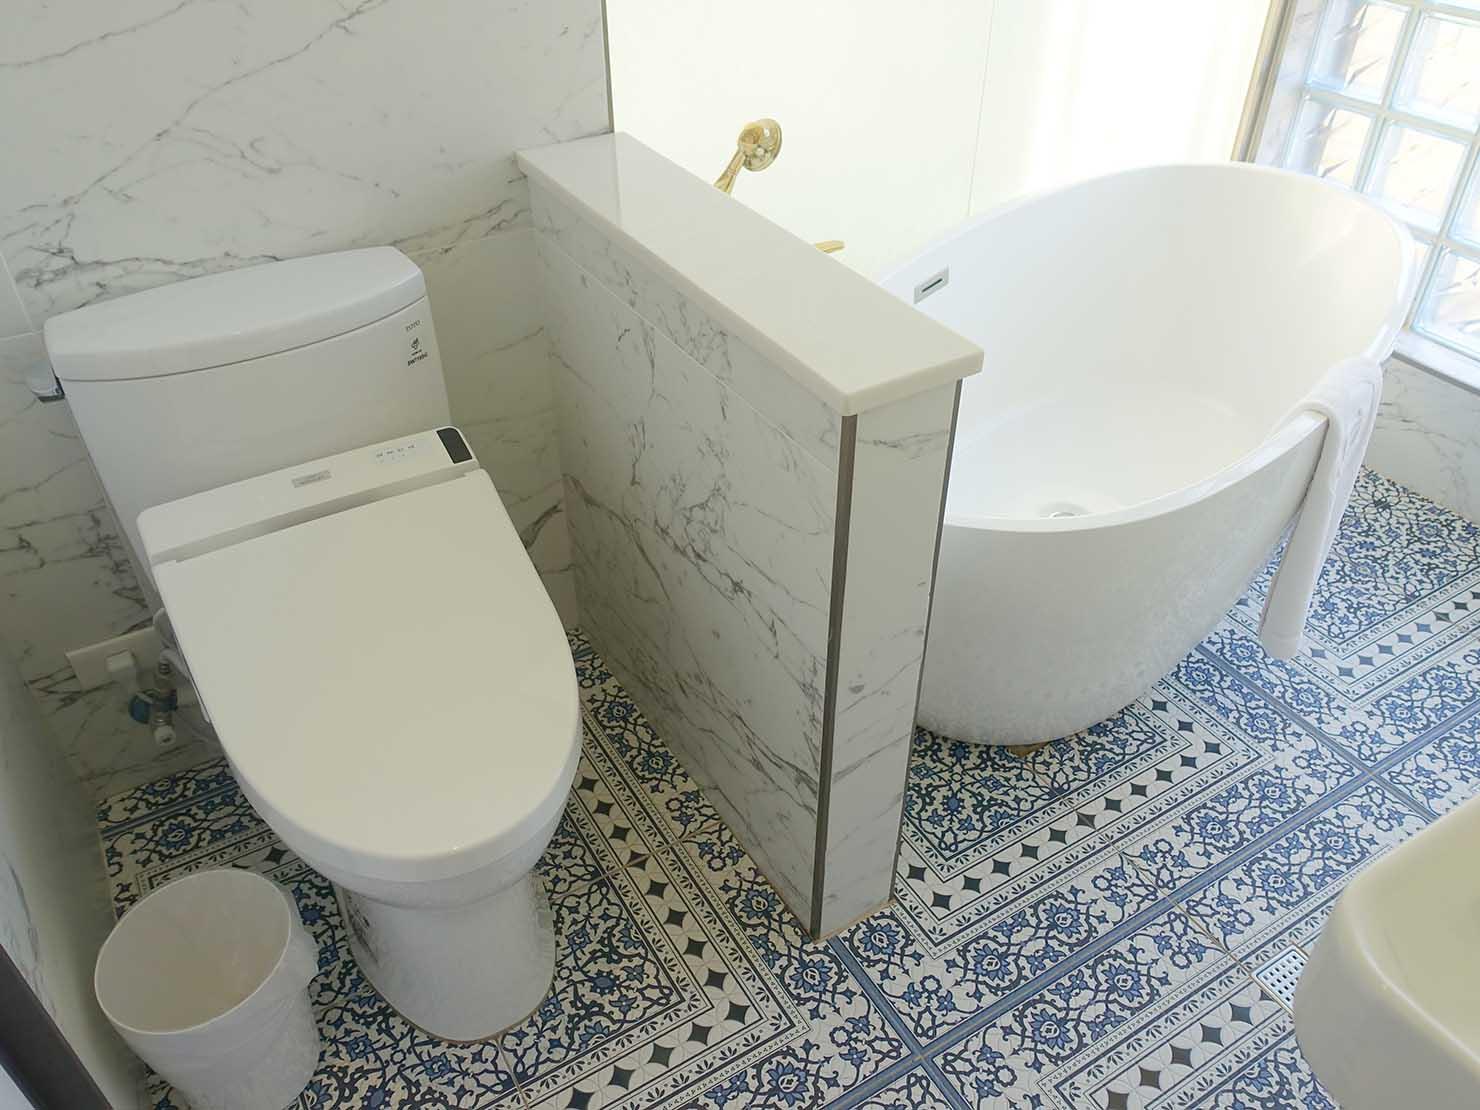 台北・大安の最高におしゃれなブティックホテル「chez nous 司旅」經典房(クラシックルーム)バスルームのバスタブ